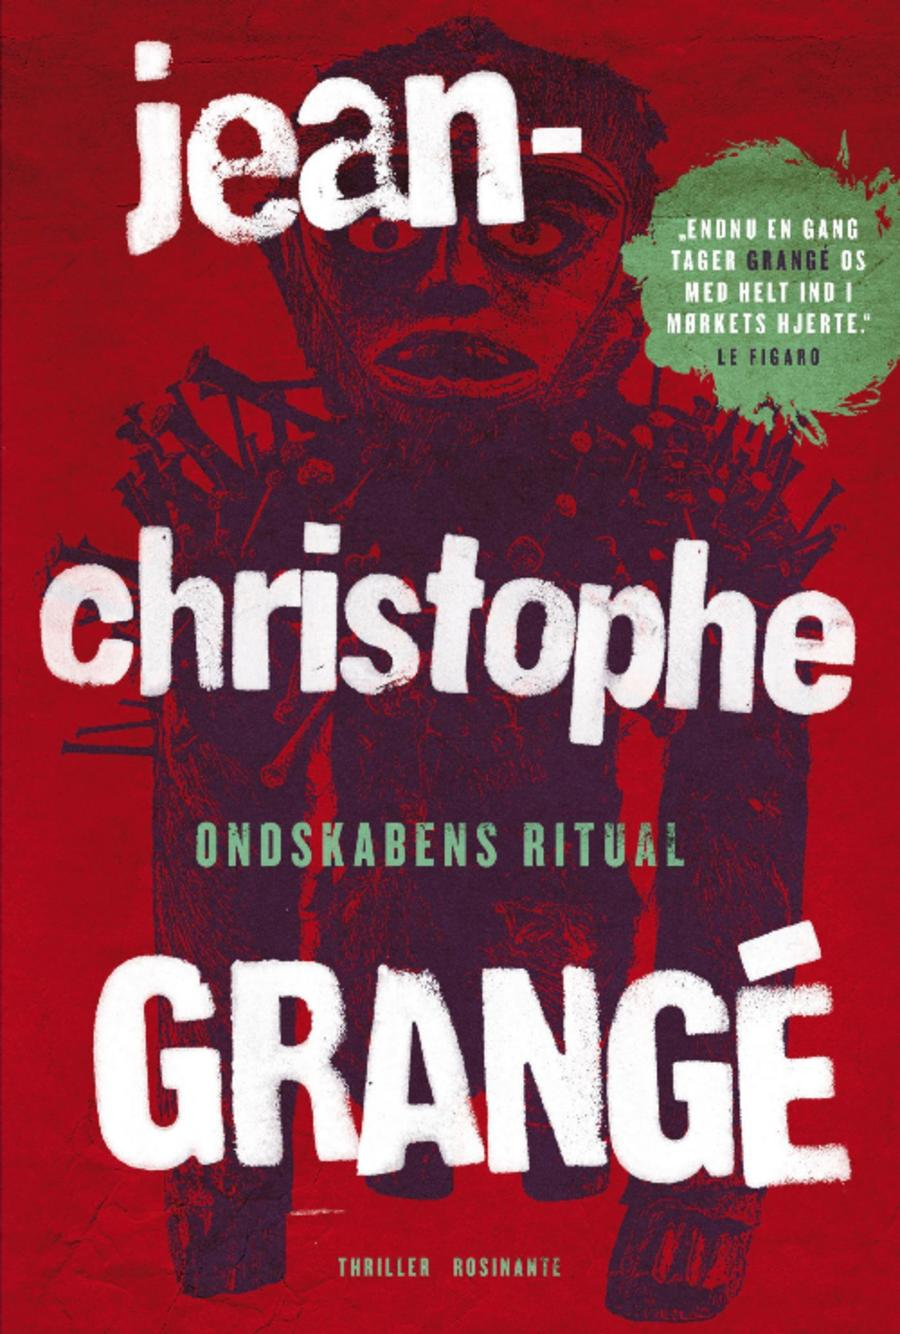 Ondskabens ritual af Jean-Christophe Grangé